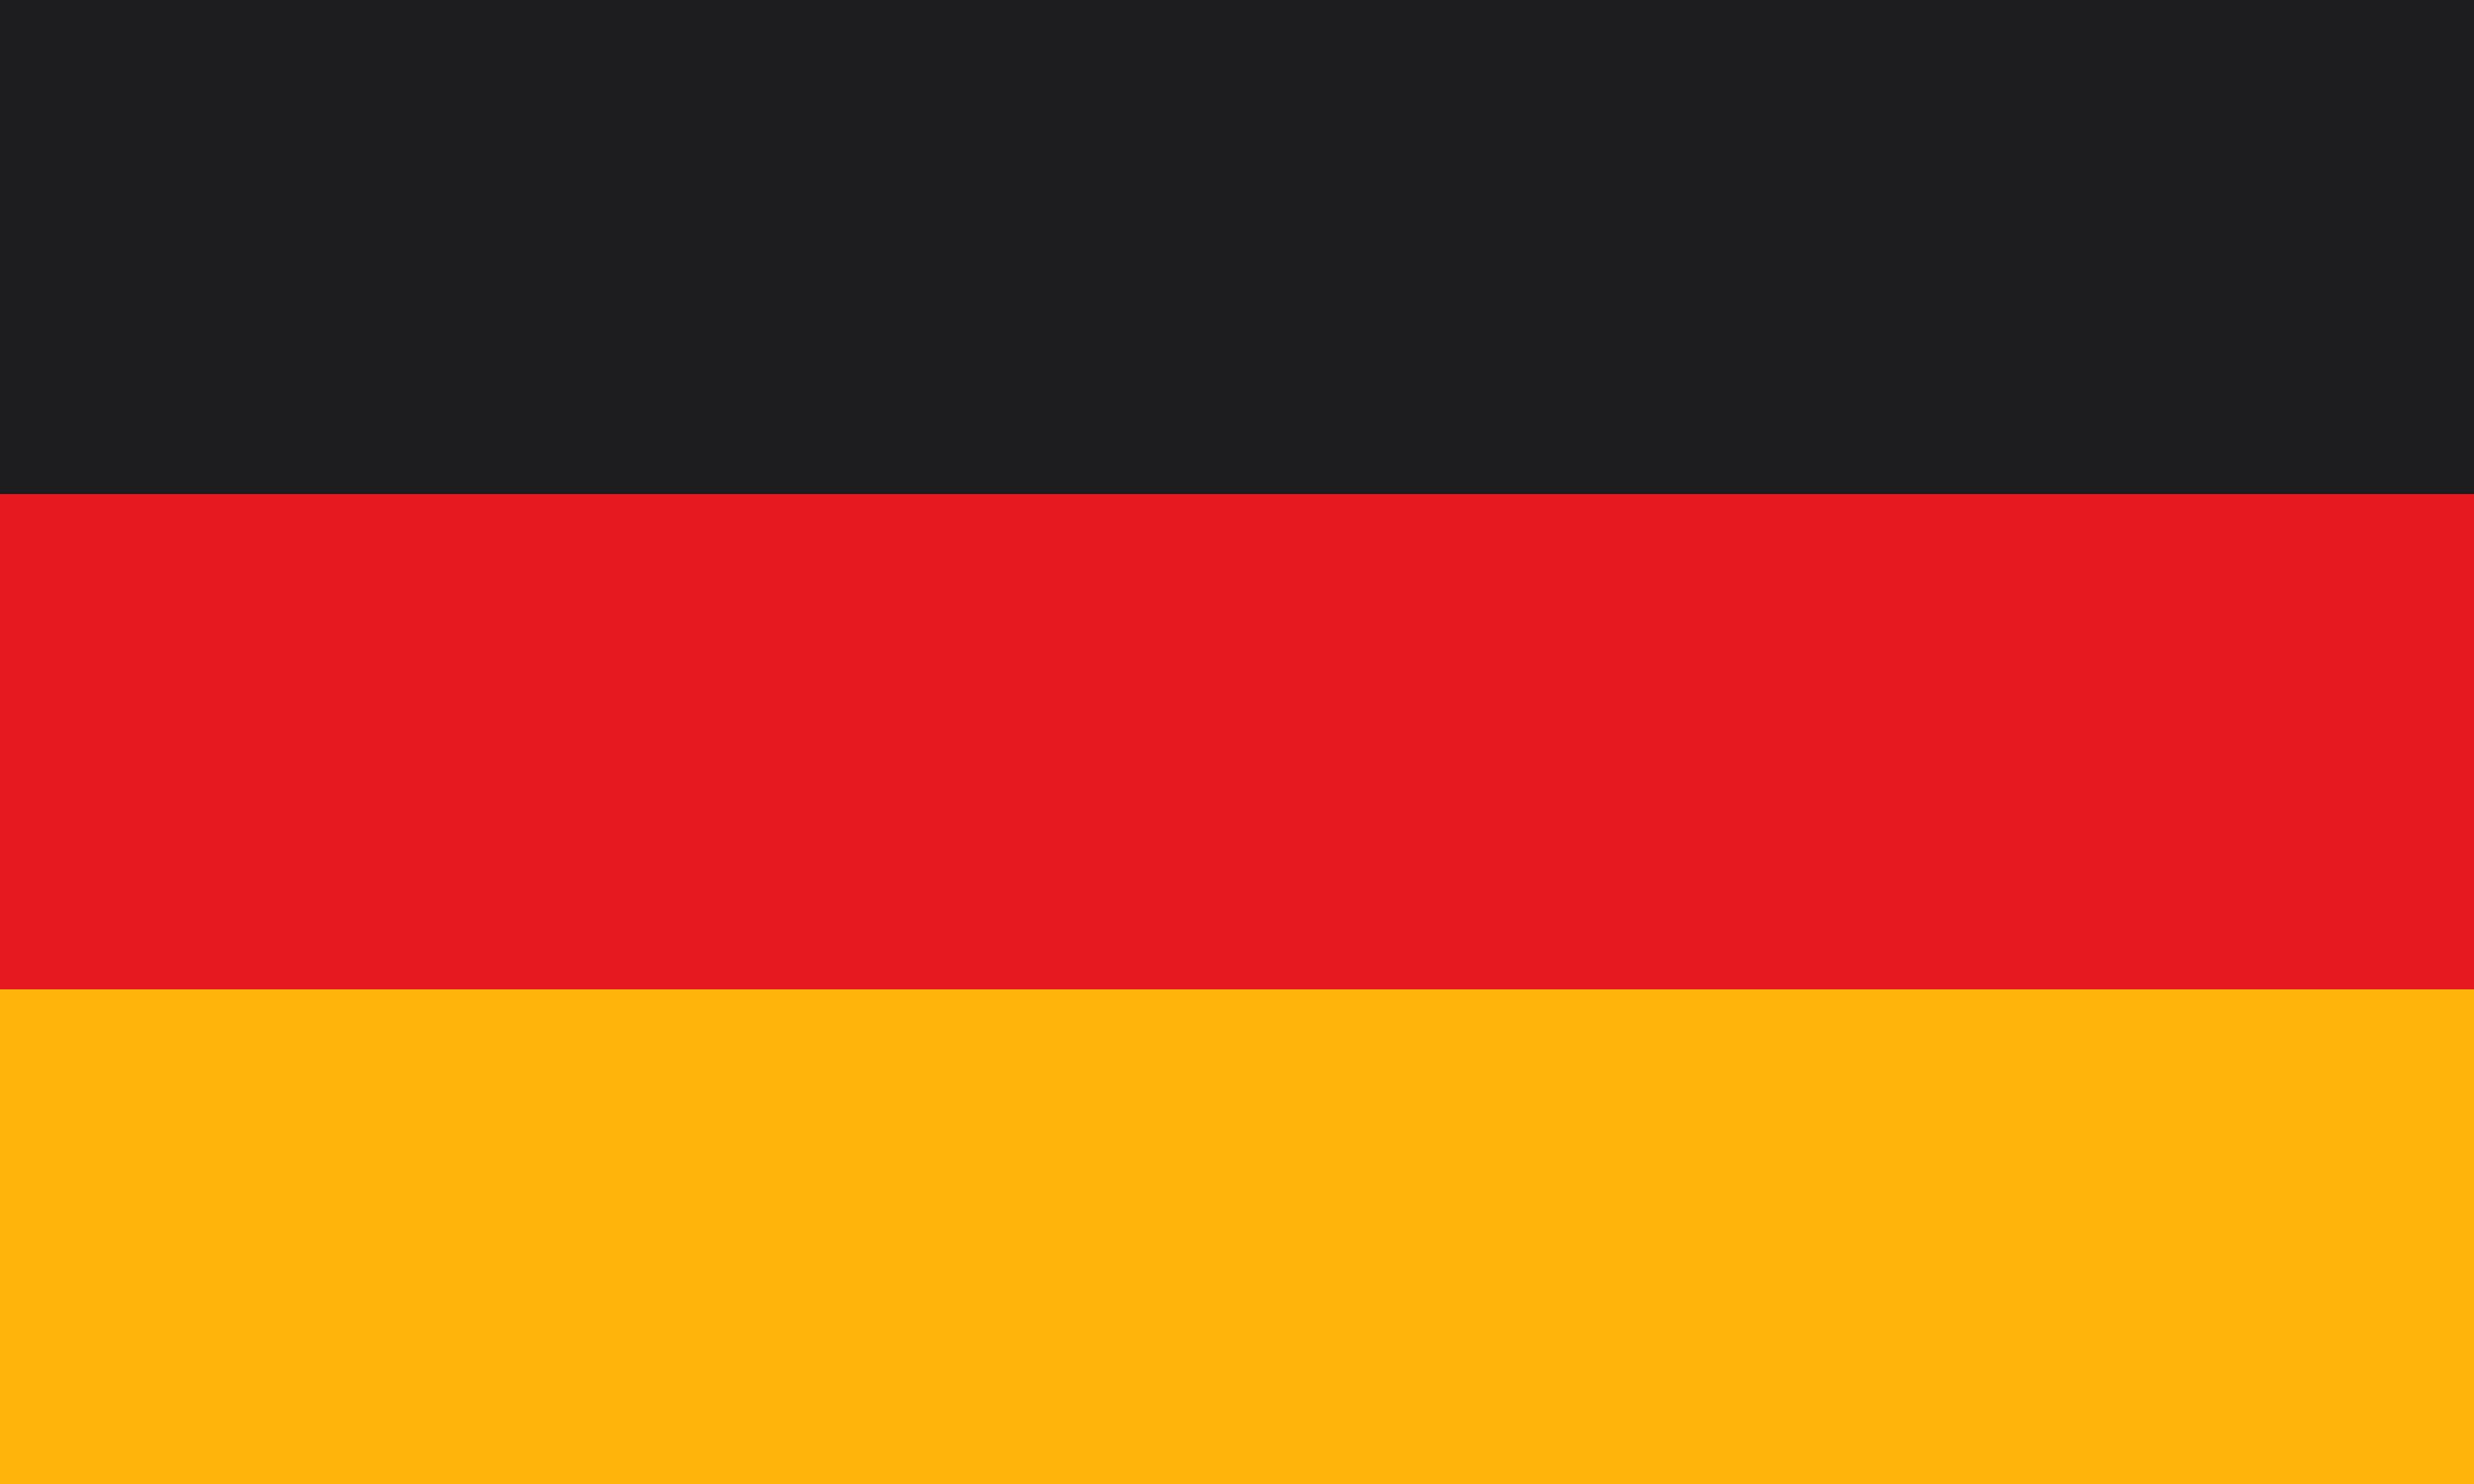 ドイツの治安は大丈夫?最新情報や注意するべきポイントを紹介!